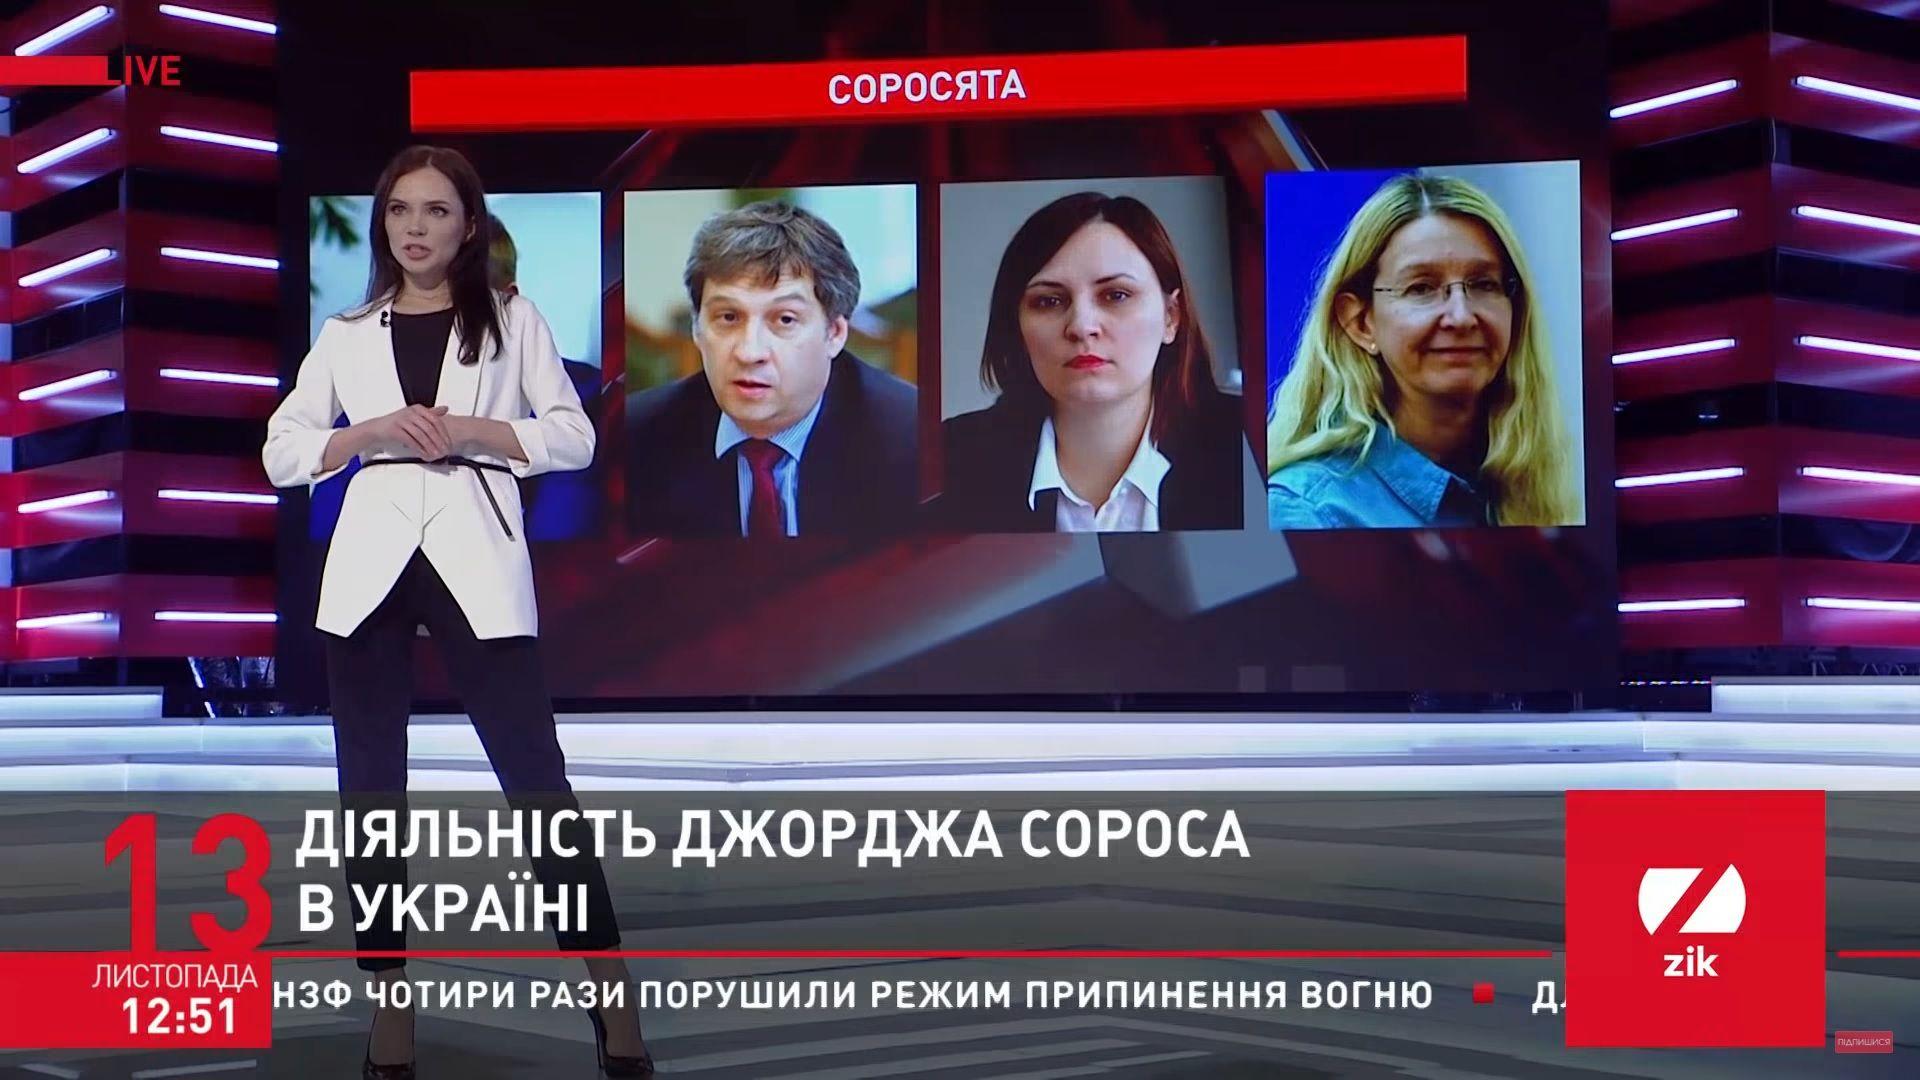 Партизани Великої Соросівської